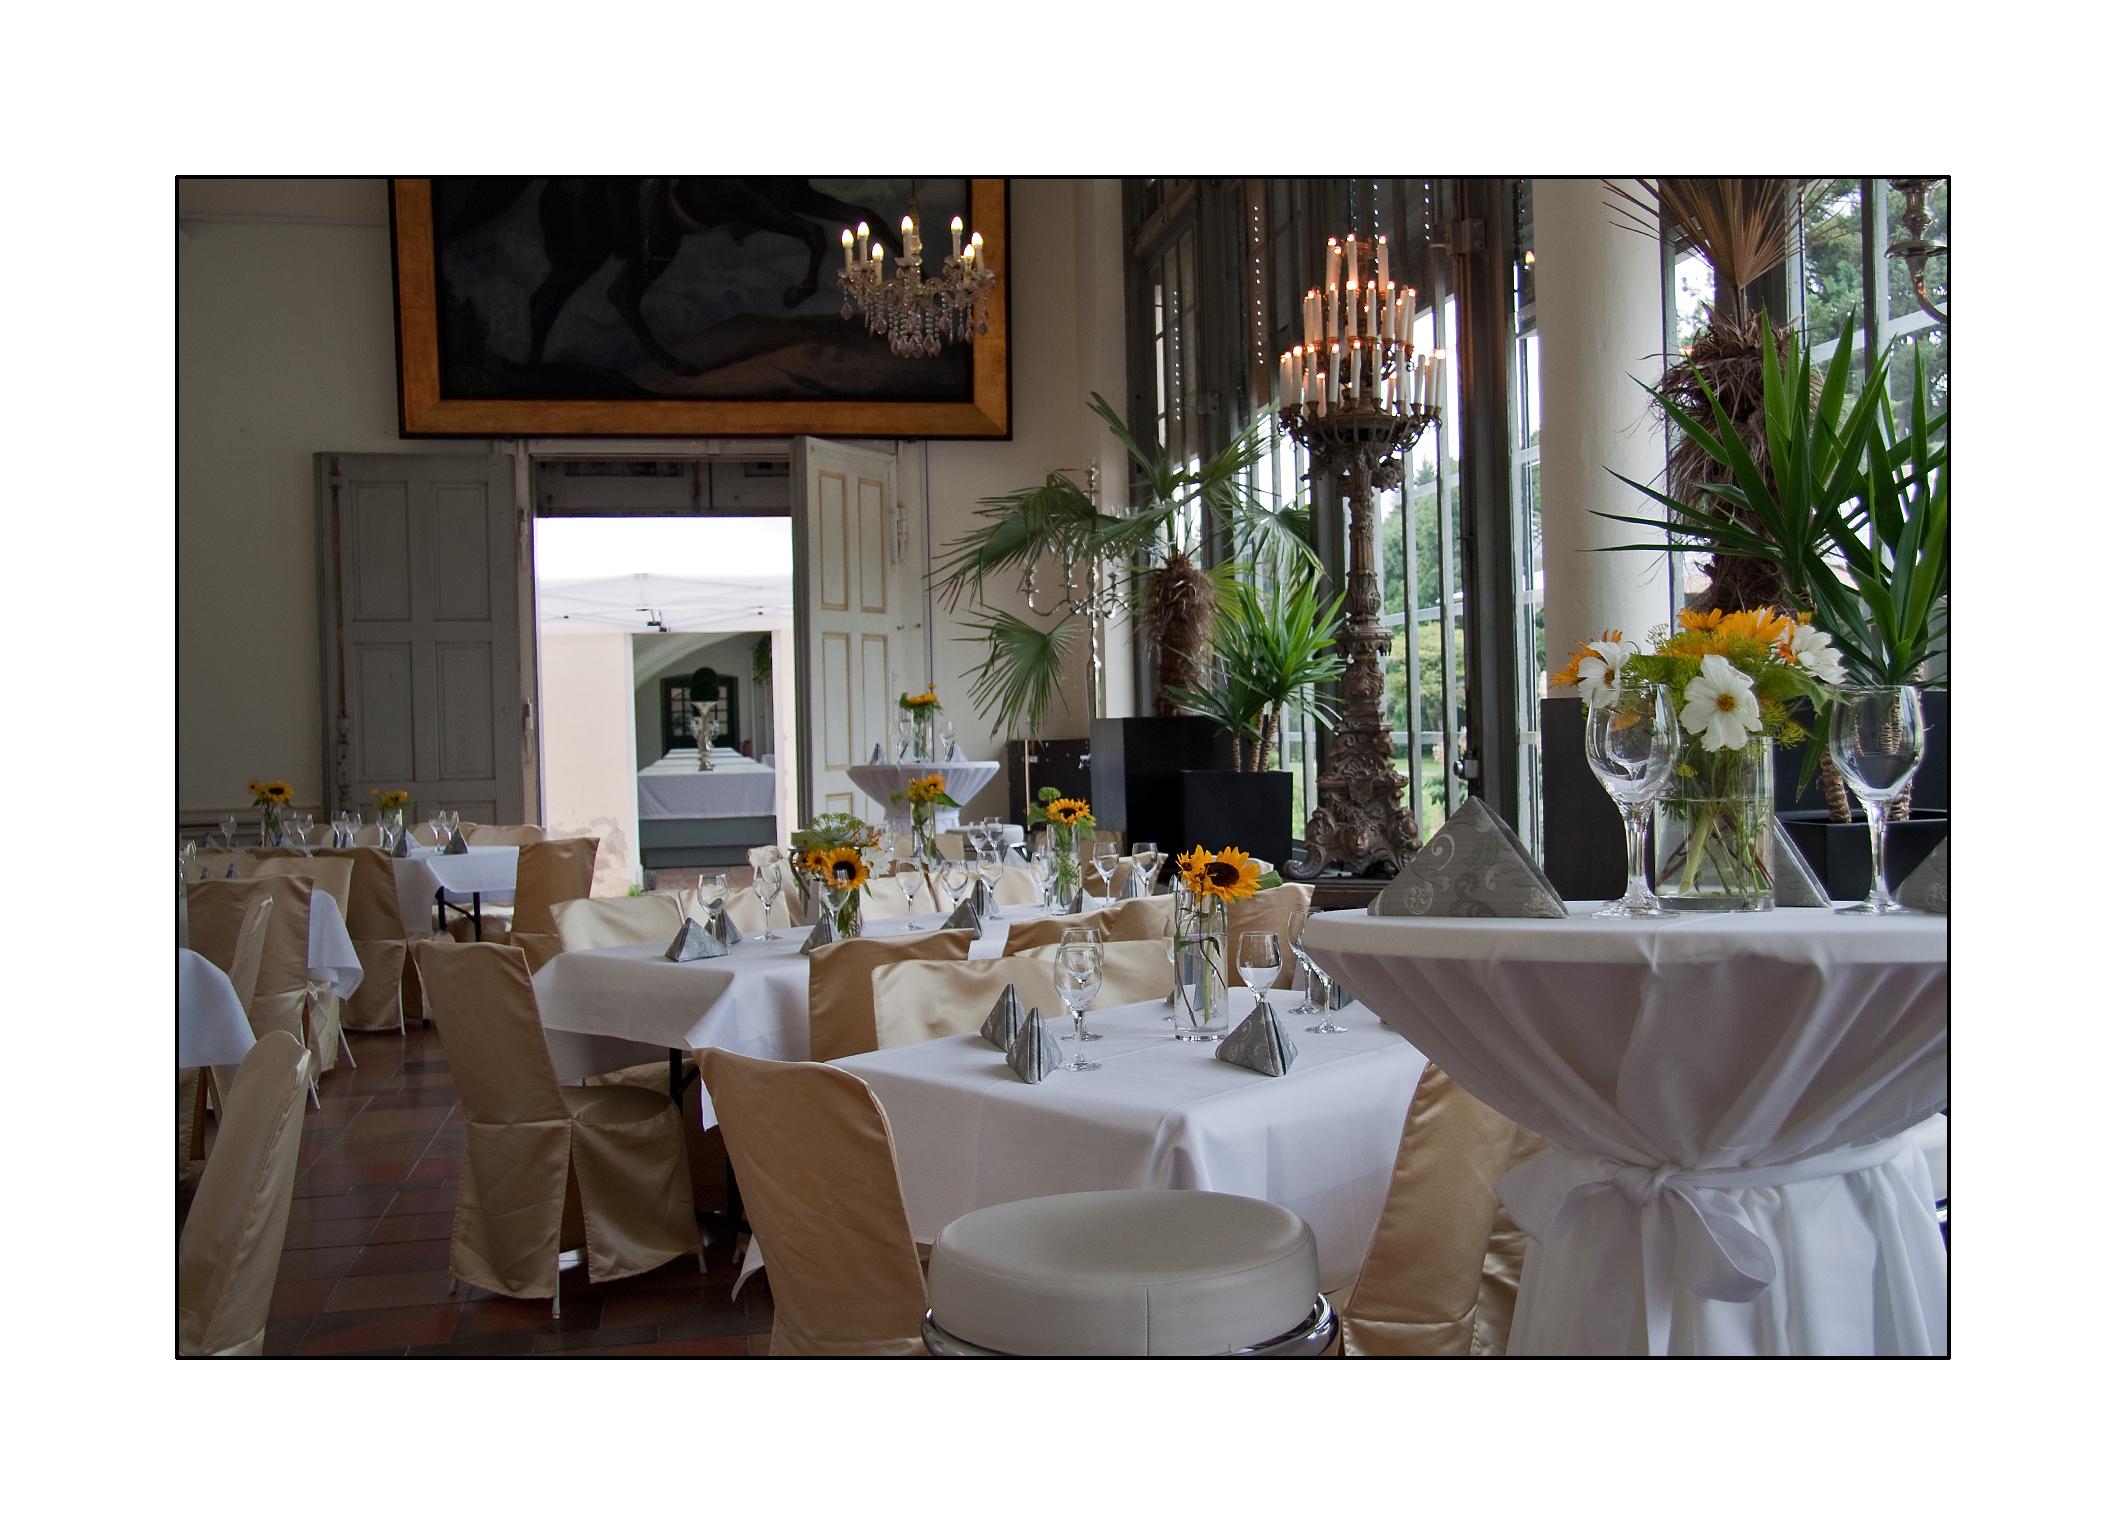 Schlosscafé im Palmenhaus, Konfirmation